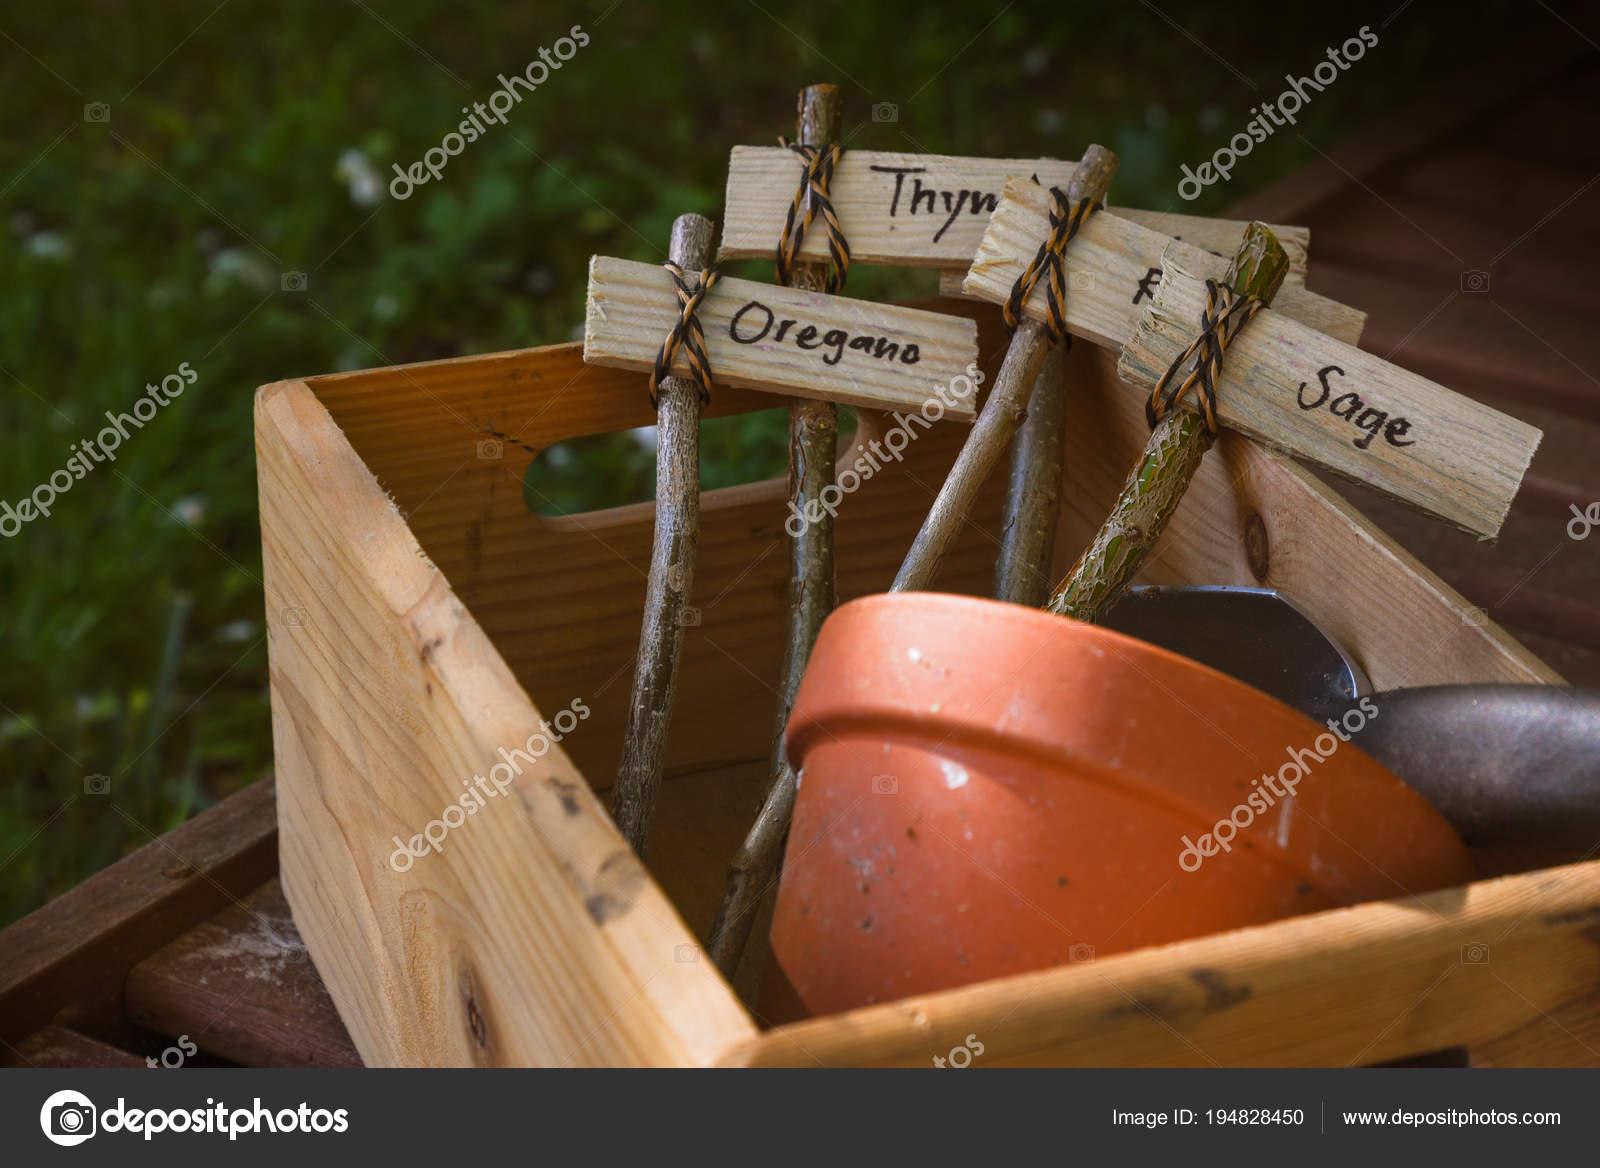 Landelijke Houten Kist.Houten Kist Met Rustieke Naam Lables Voor Kruid Planten Creatief